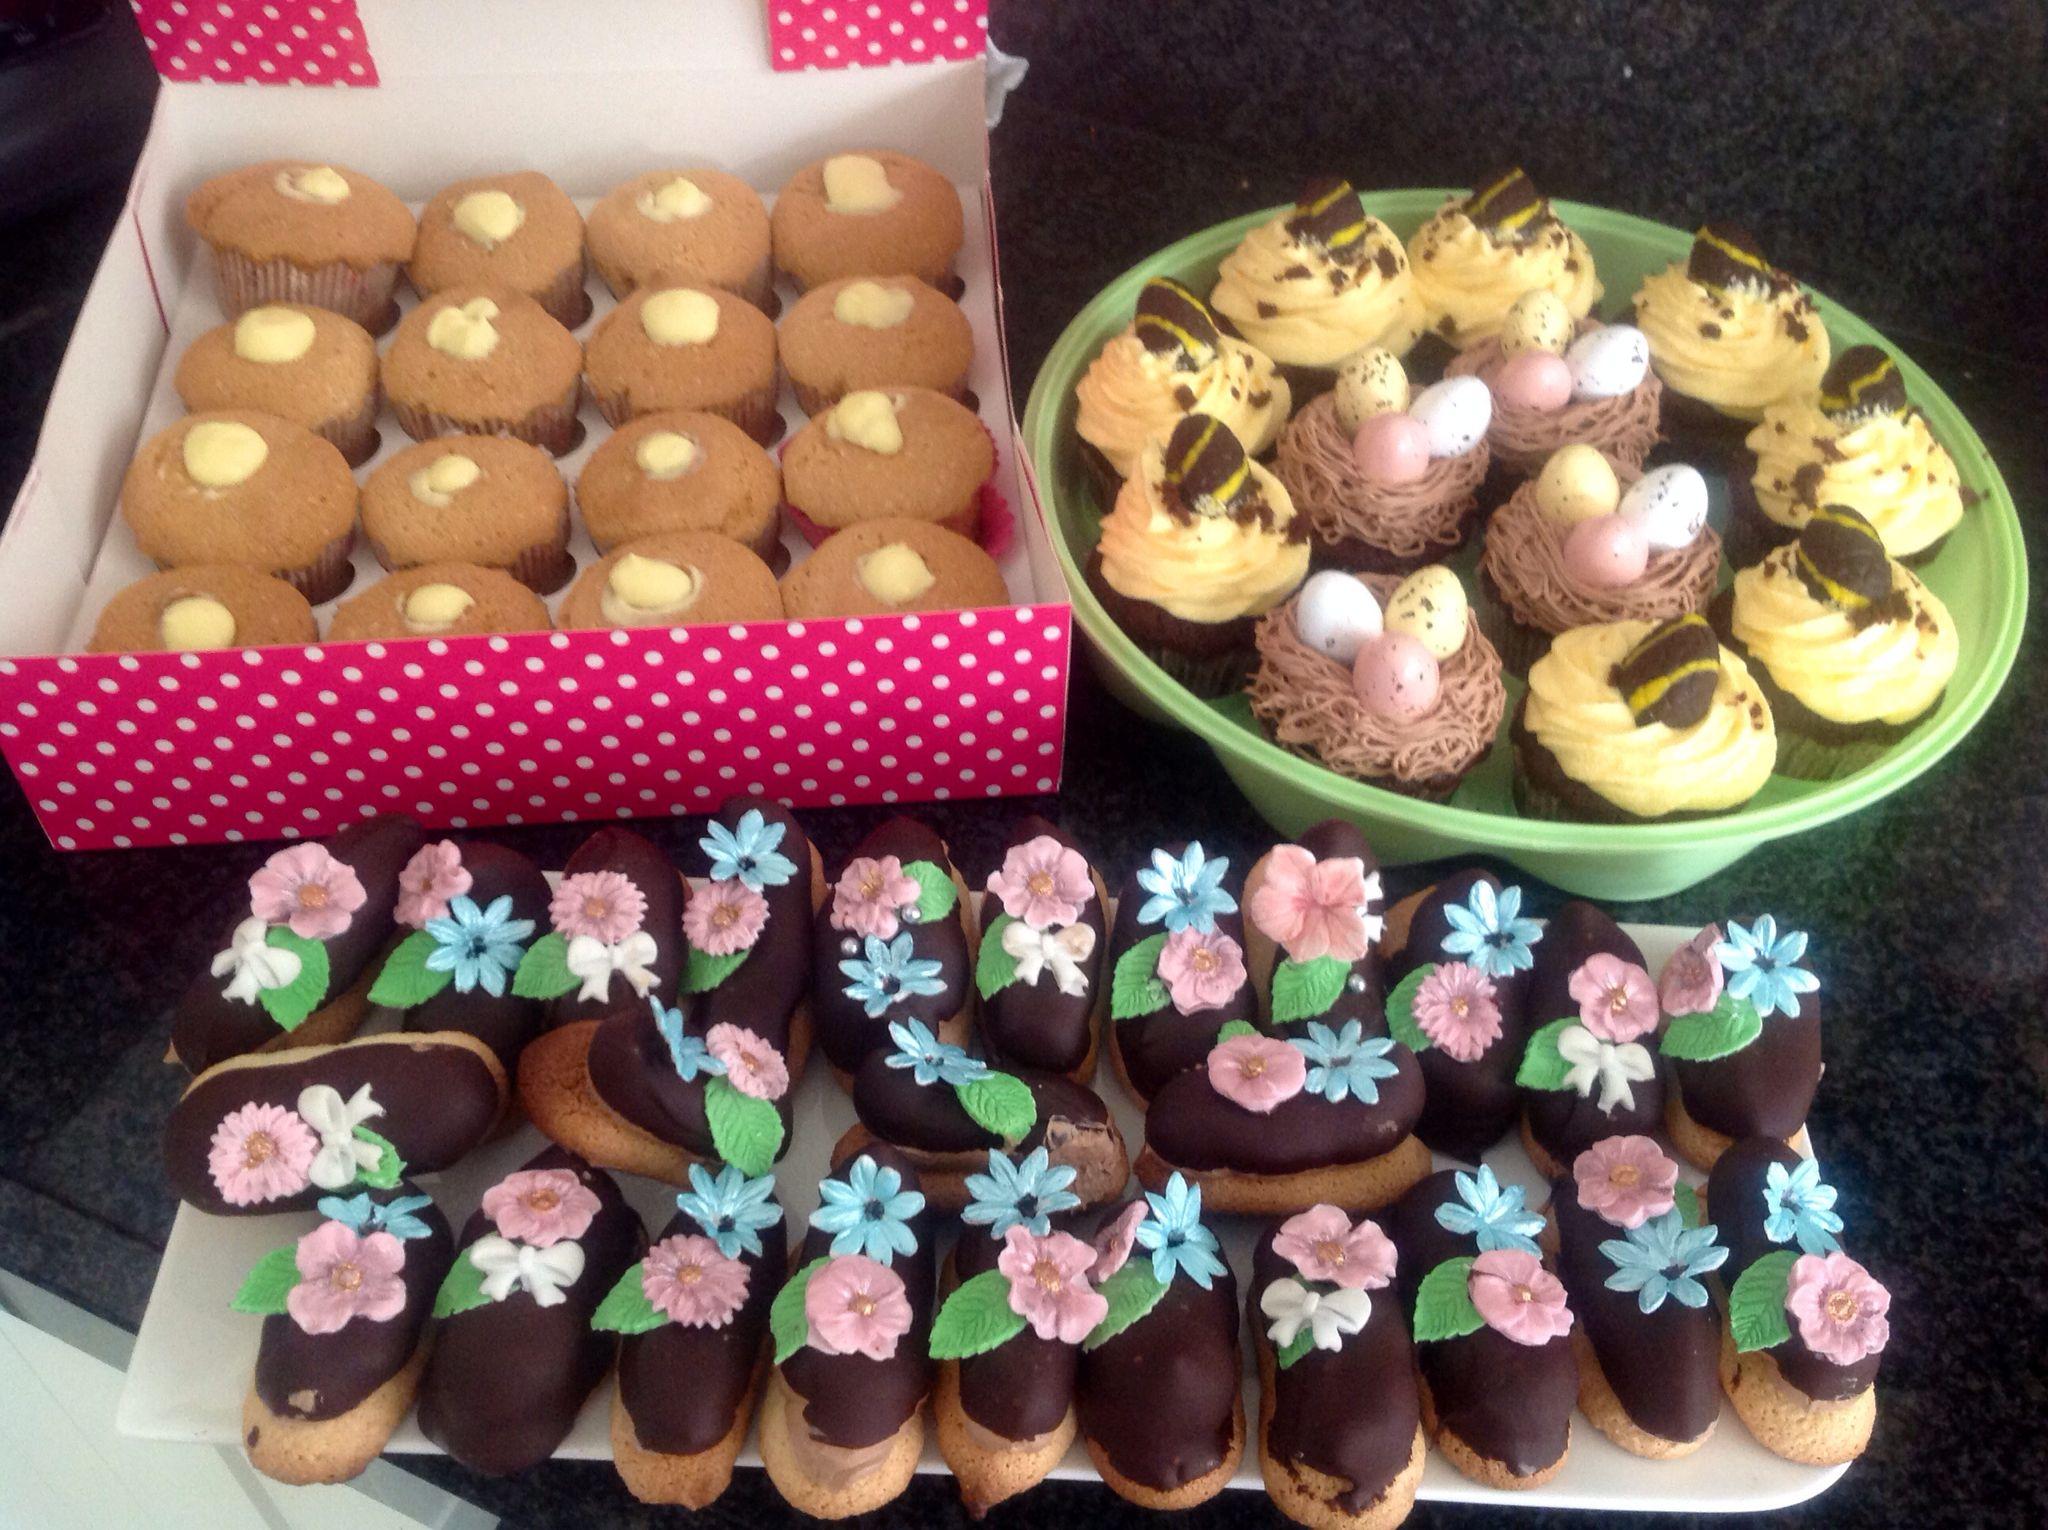 Chiffoncupcakes met limoencreme geïnjecteerd, petit fours van choco italian meringue op zelfgemaakte bitterkoekjes en cupcakes Recept staat op: https://www.facebook.com/kokenenbakkenmetmarion/